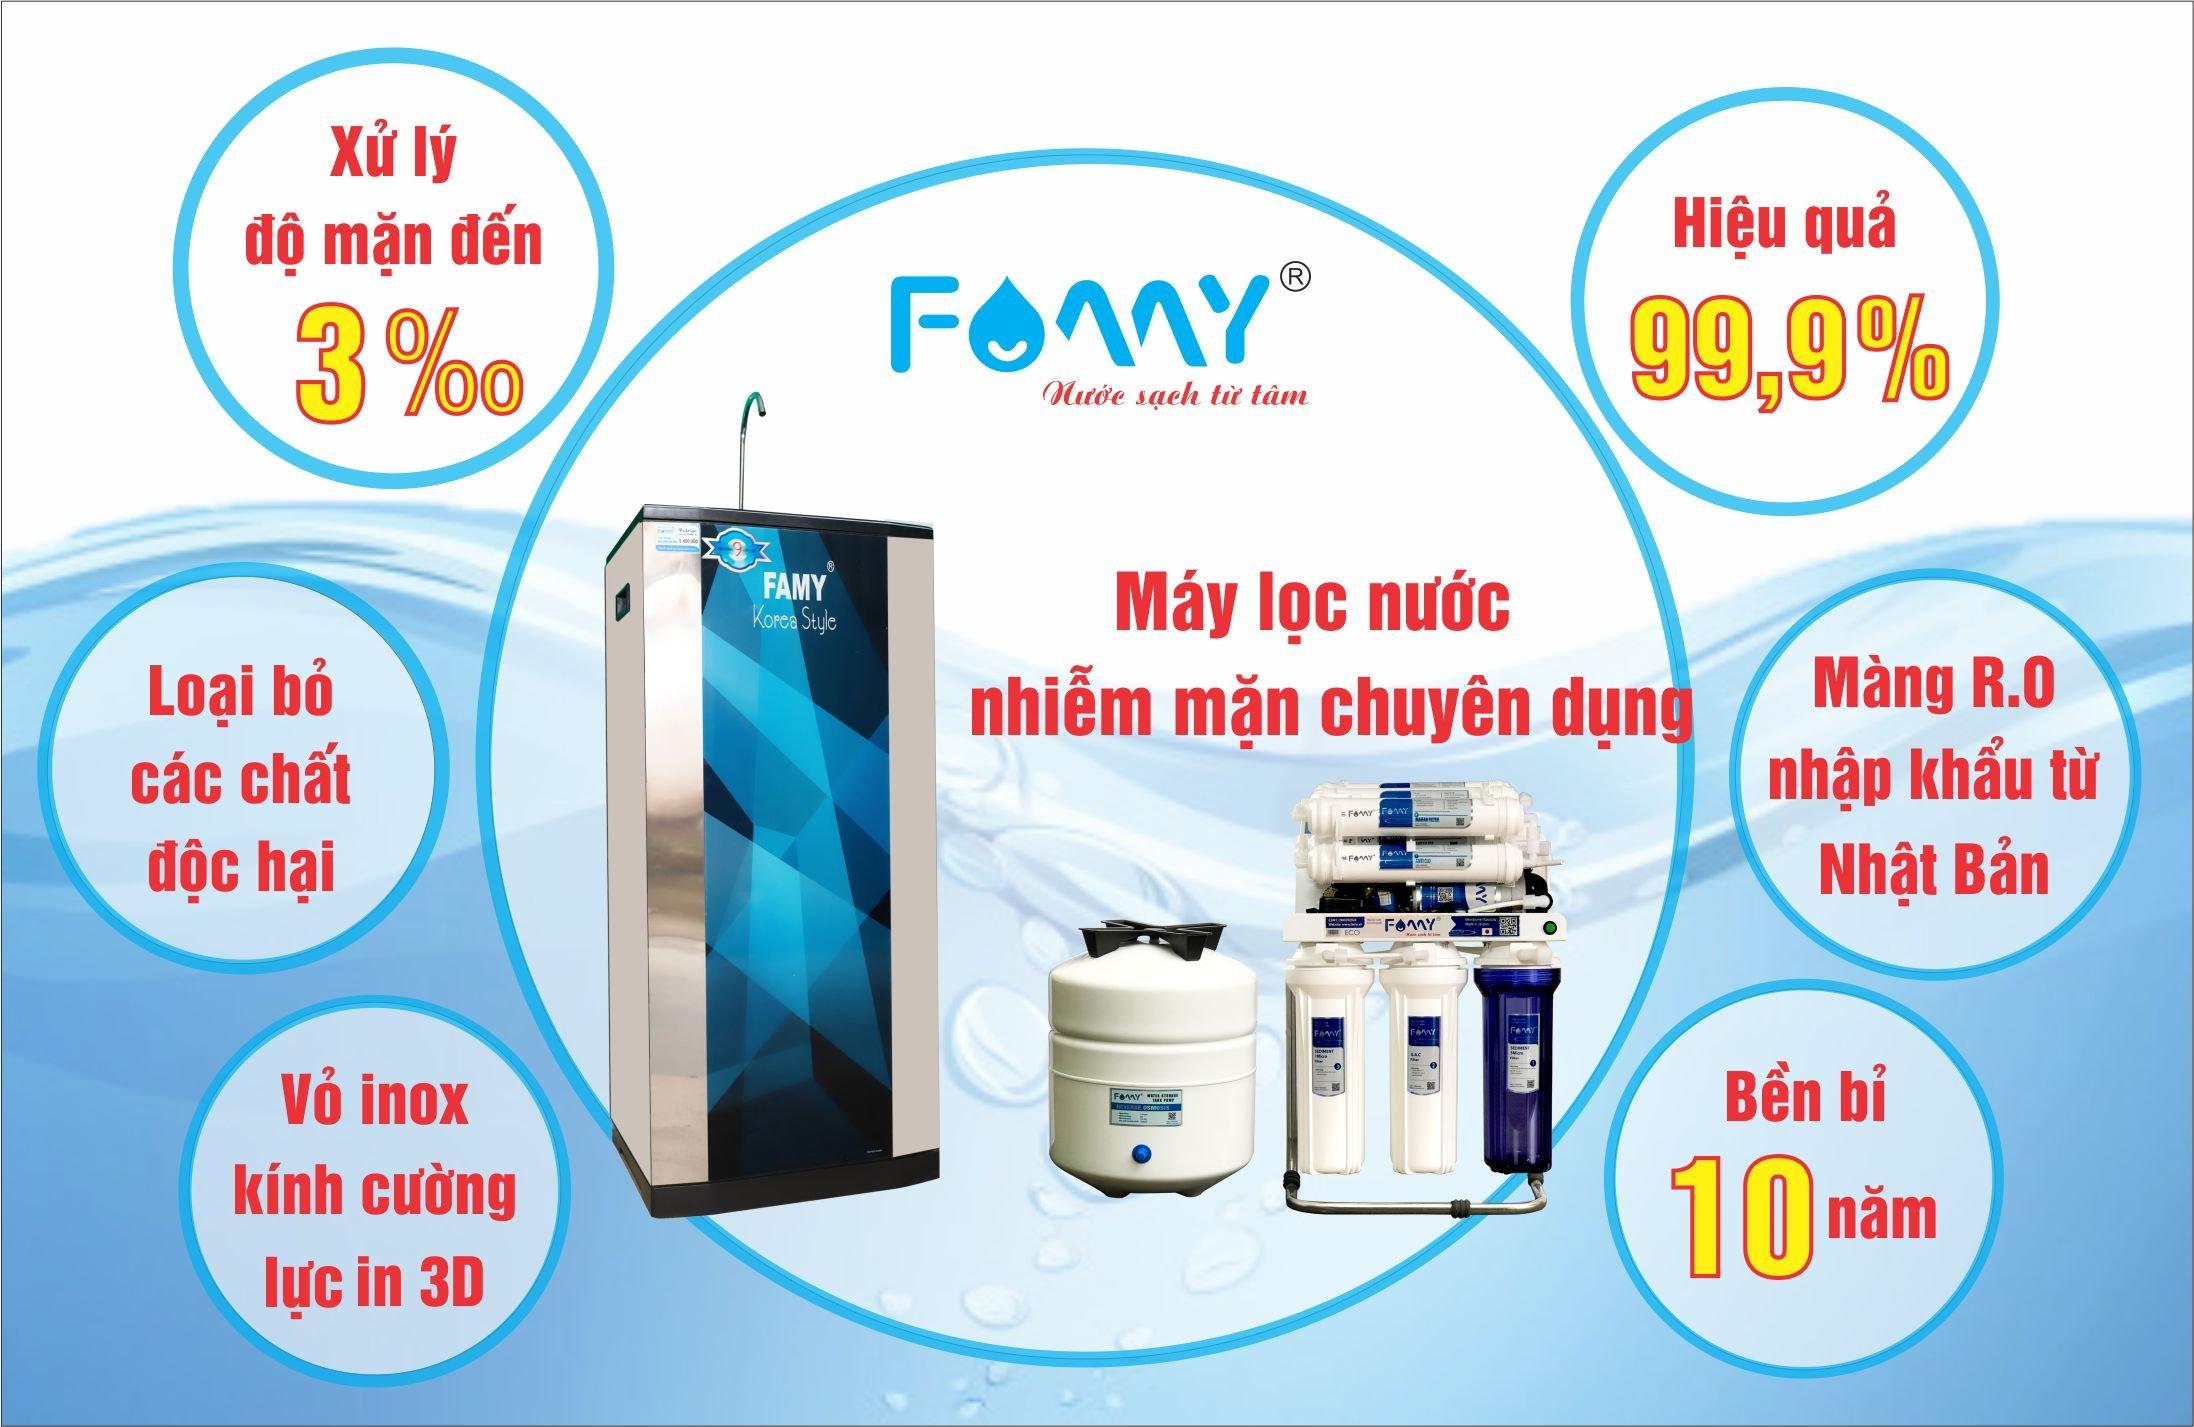 Máy lọc nước nhiễm mặn chuyên dụng Famy ECO-M2IQ-A có hiệu quả lọc lên đến 99.9%